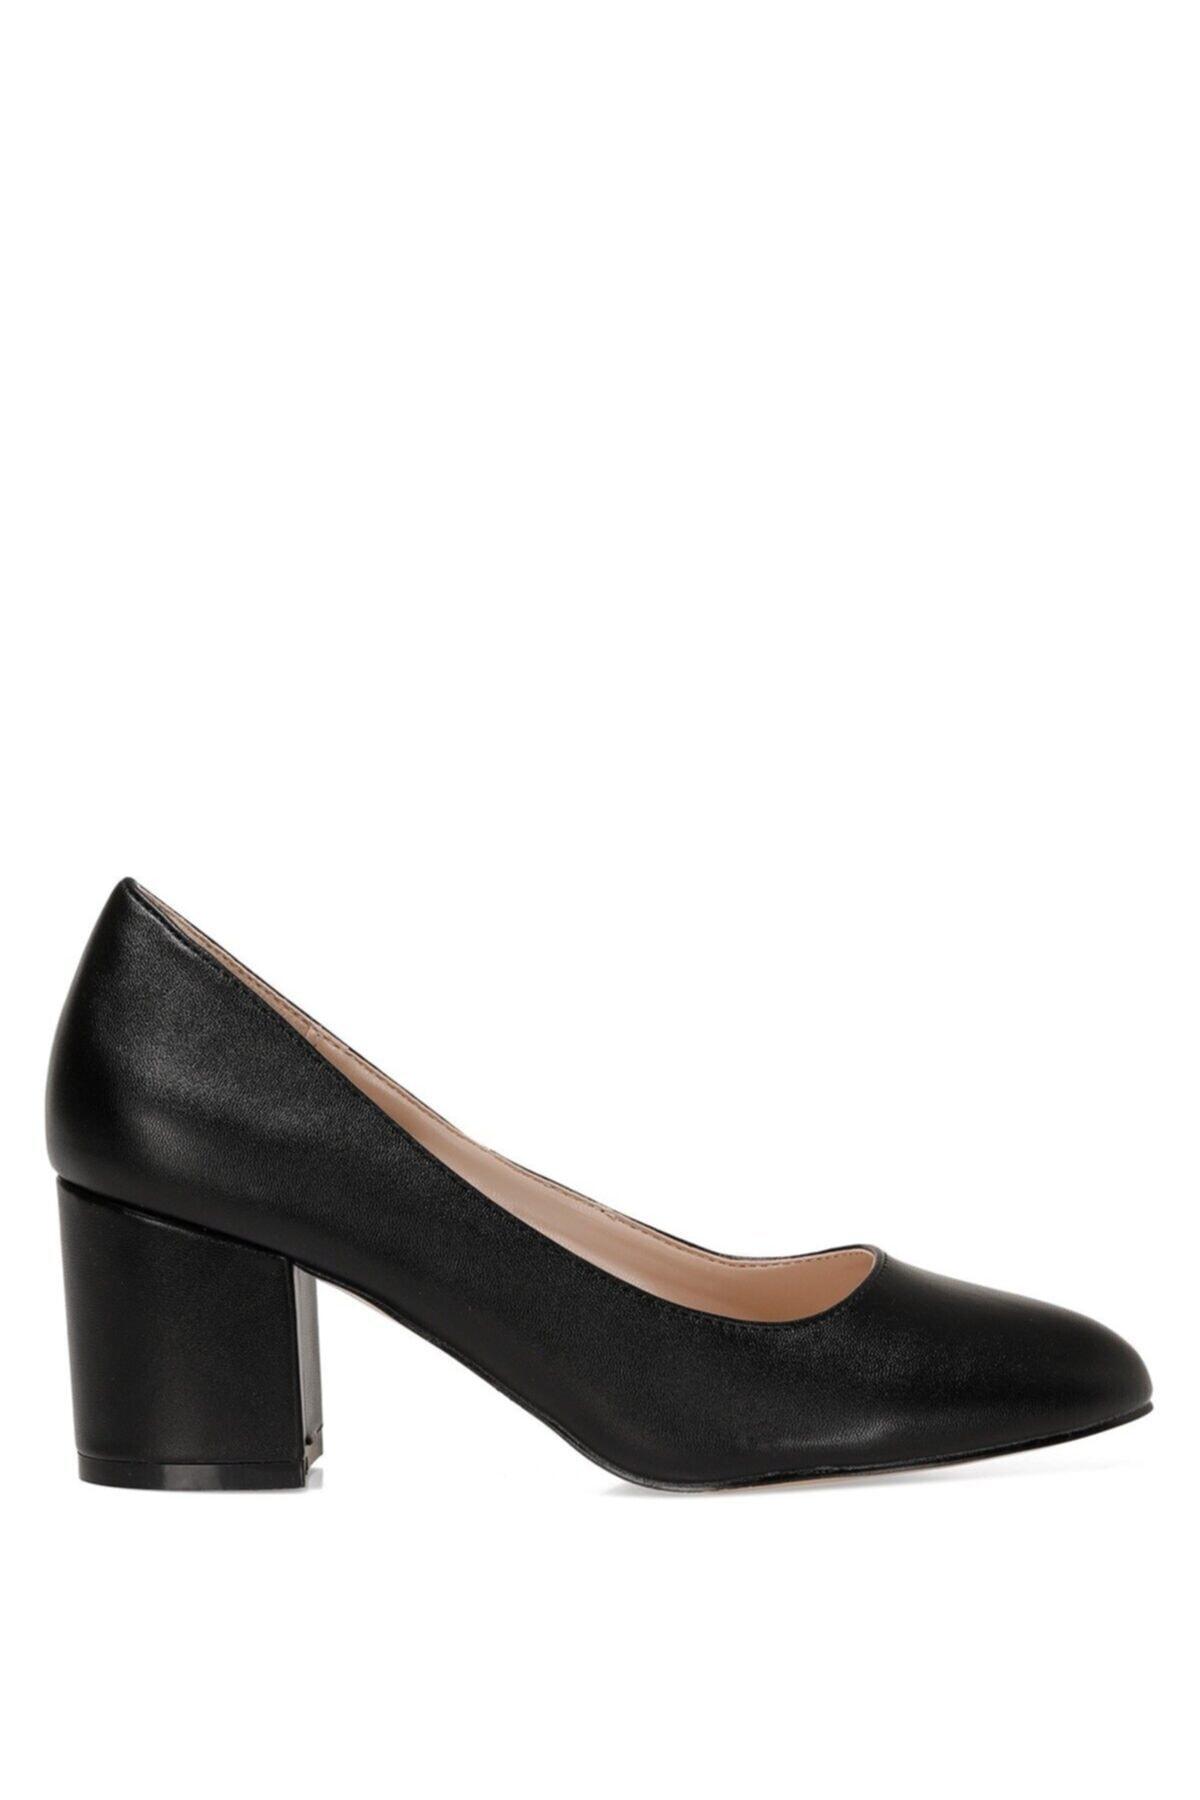 ULISEN 1FX Siyah Kadın Gova Ayakkabı 101029604